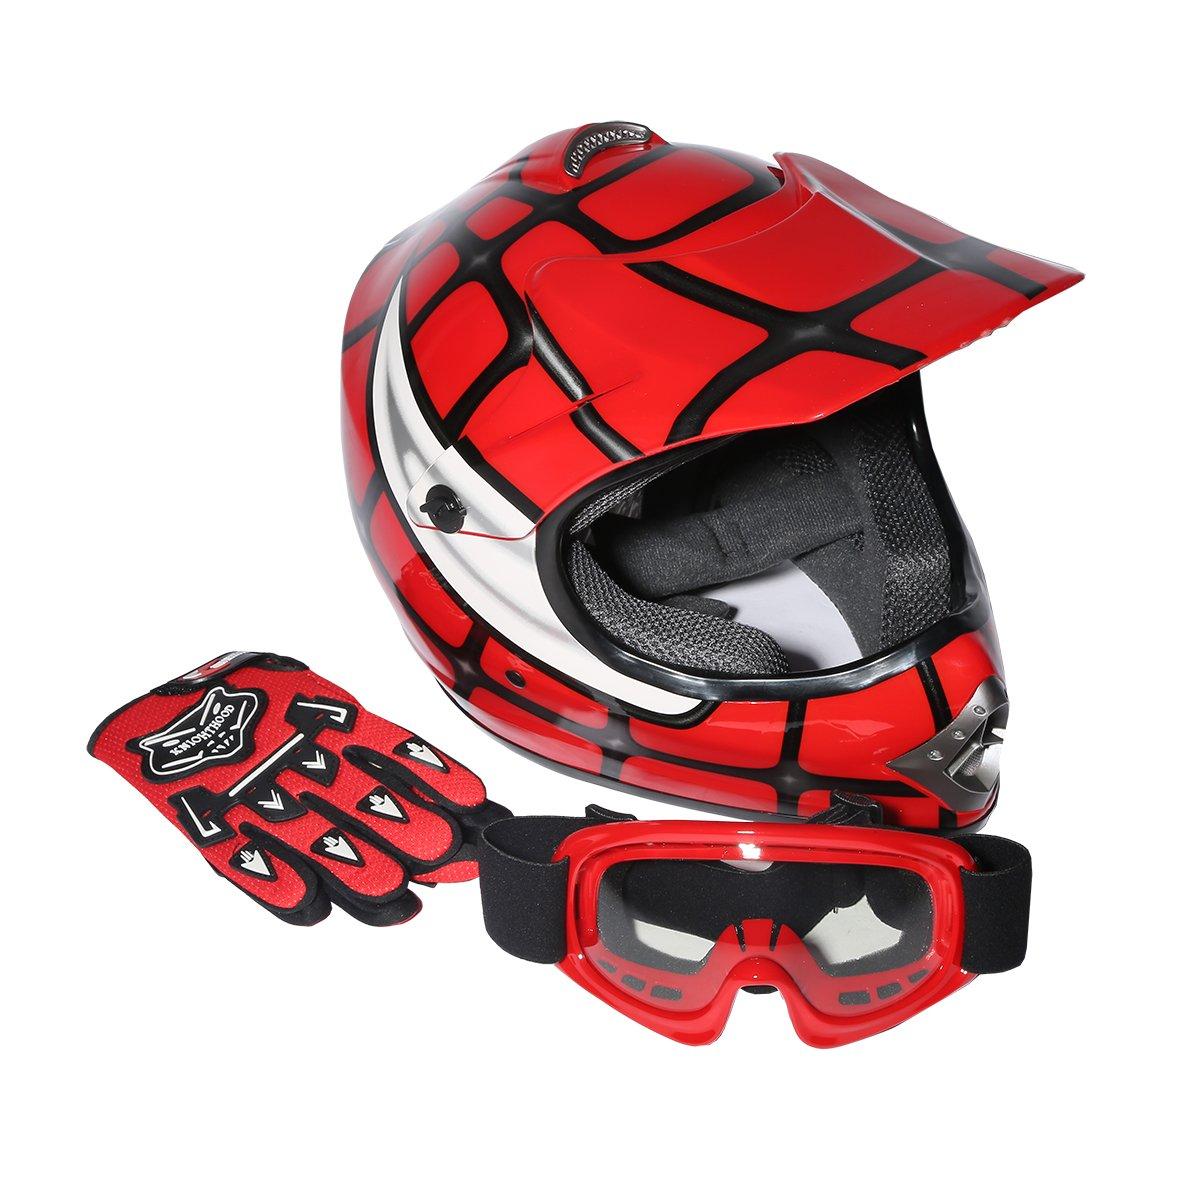 XFMT XFMT Youth Kids Motocross Offroad Street Dirt Bike Helmet Goggles Gloves Atv Mx Helmet XL, Red Spider by XFMT